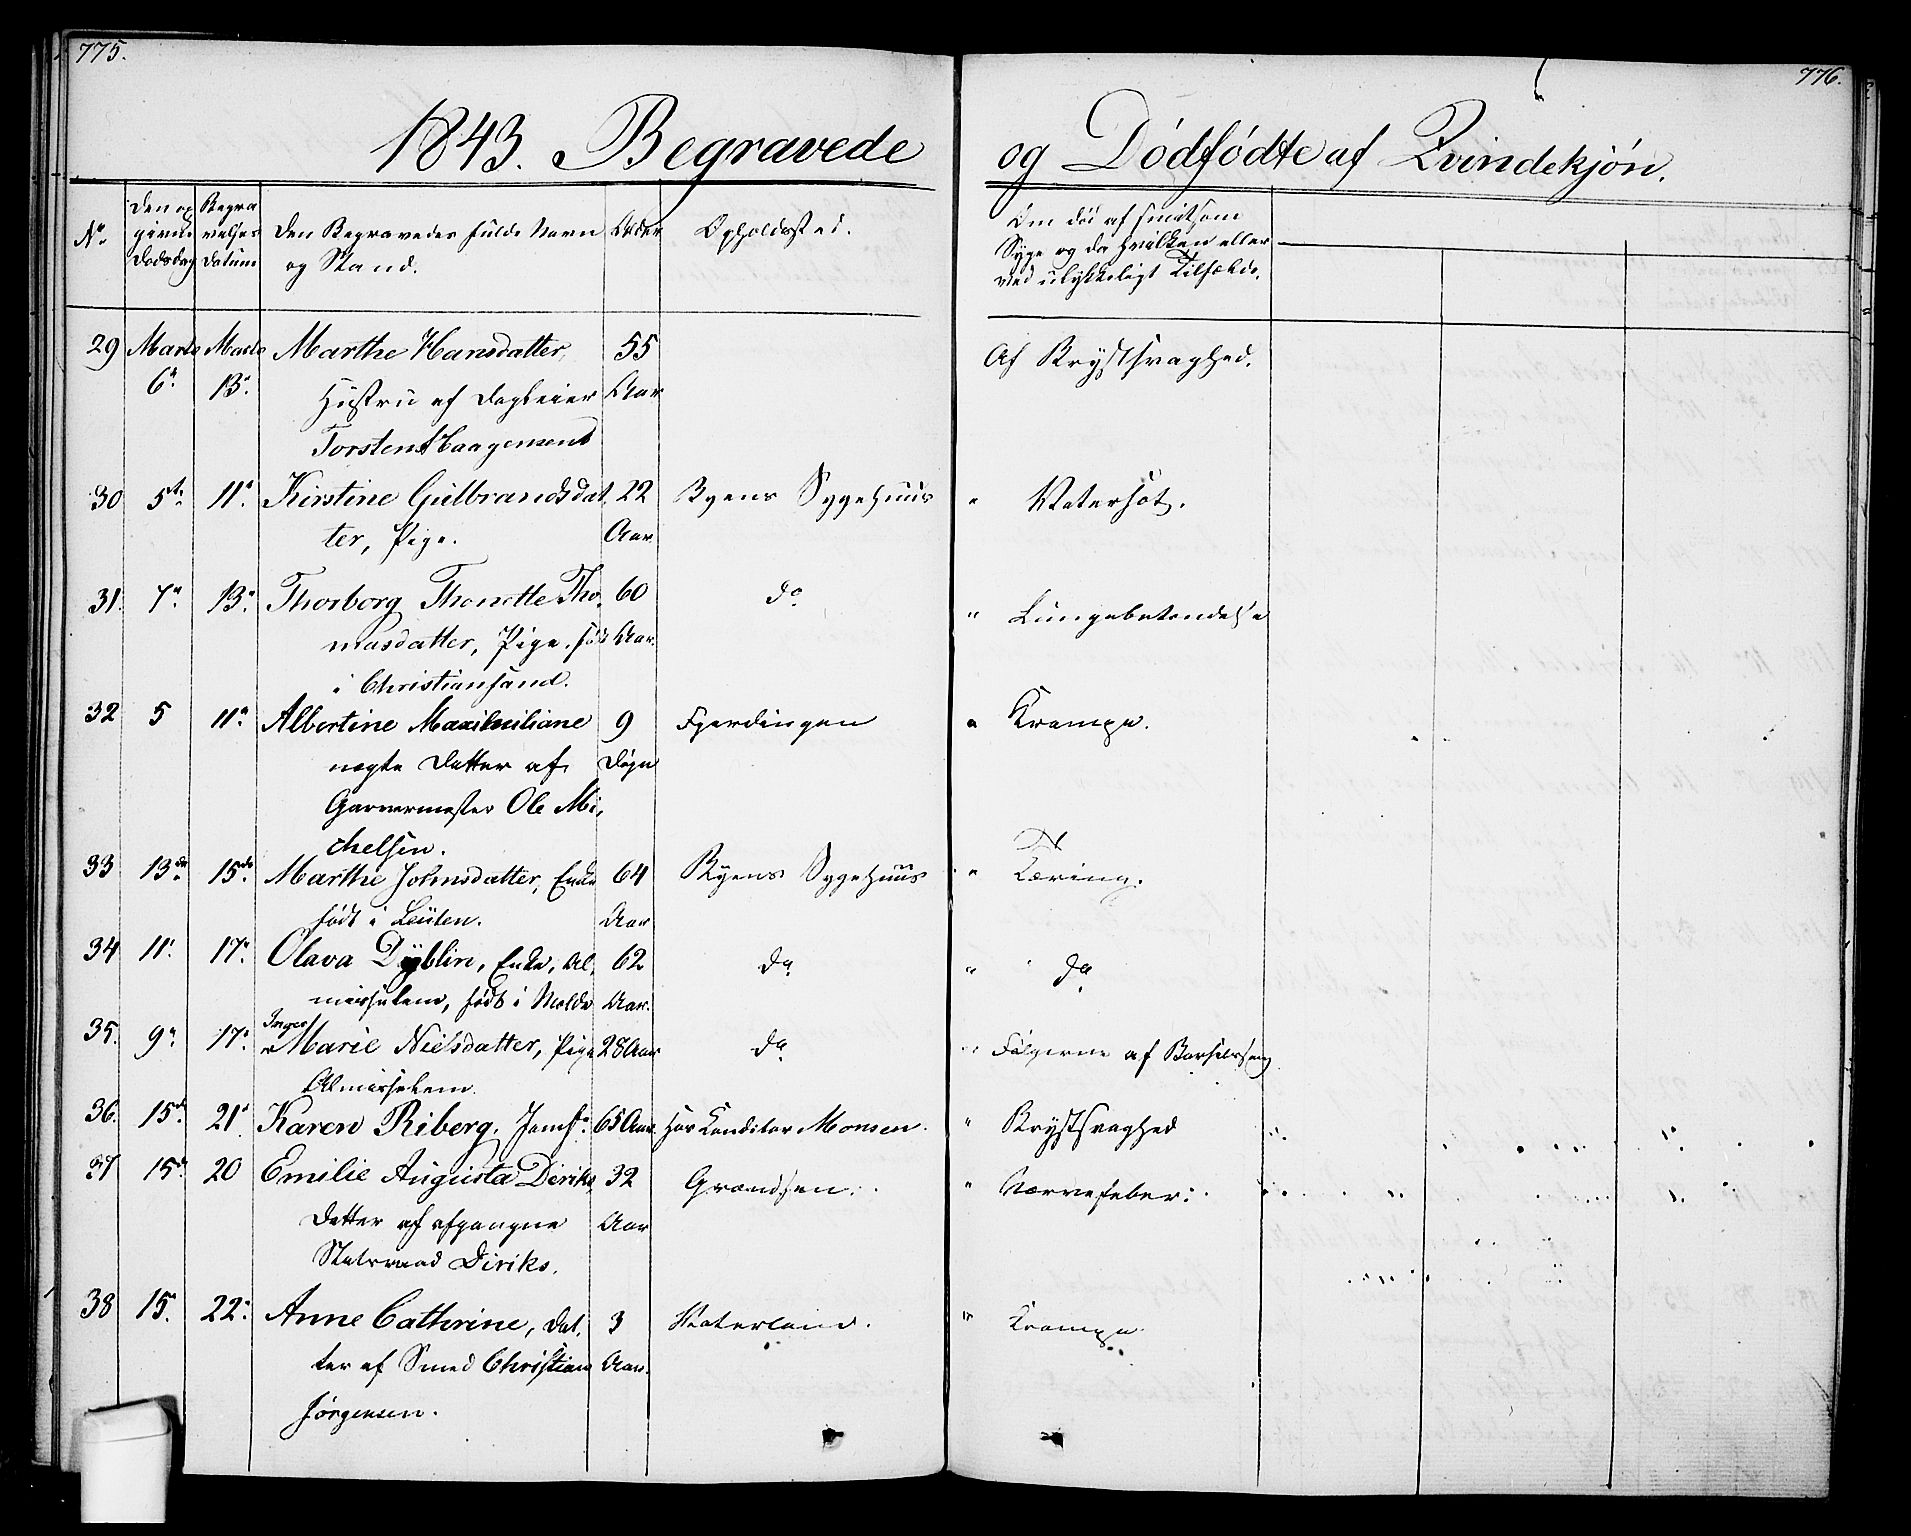 SAO, Oslo domkirke Kirkebøker, F/Fa/L0024: Ministerialbok nr. 24, 1833-1846, s. 775-776